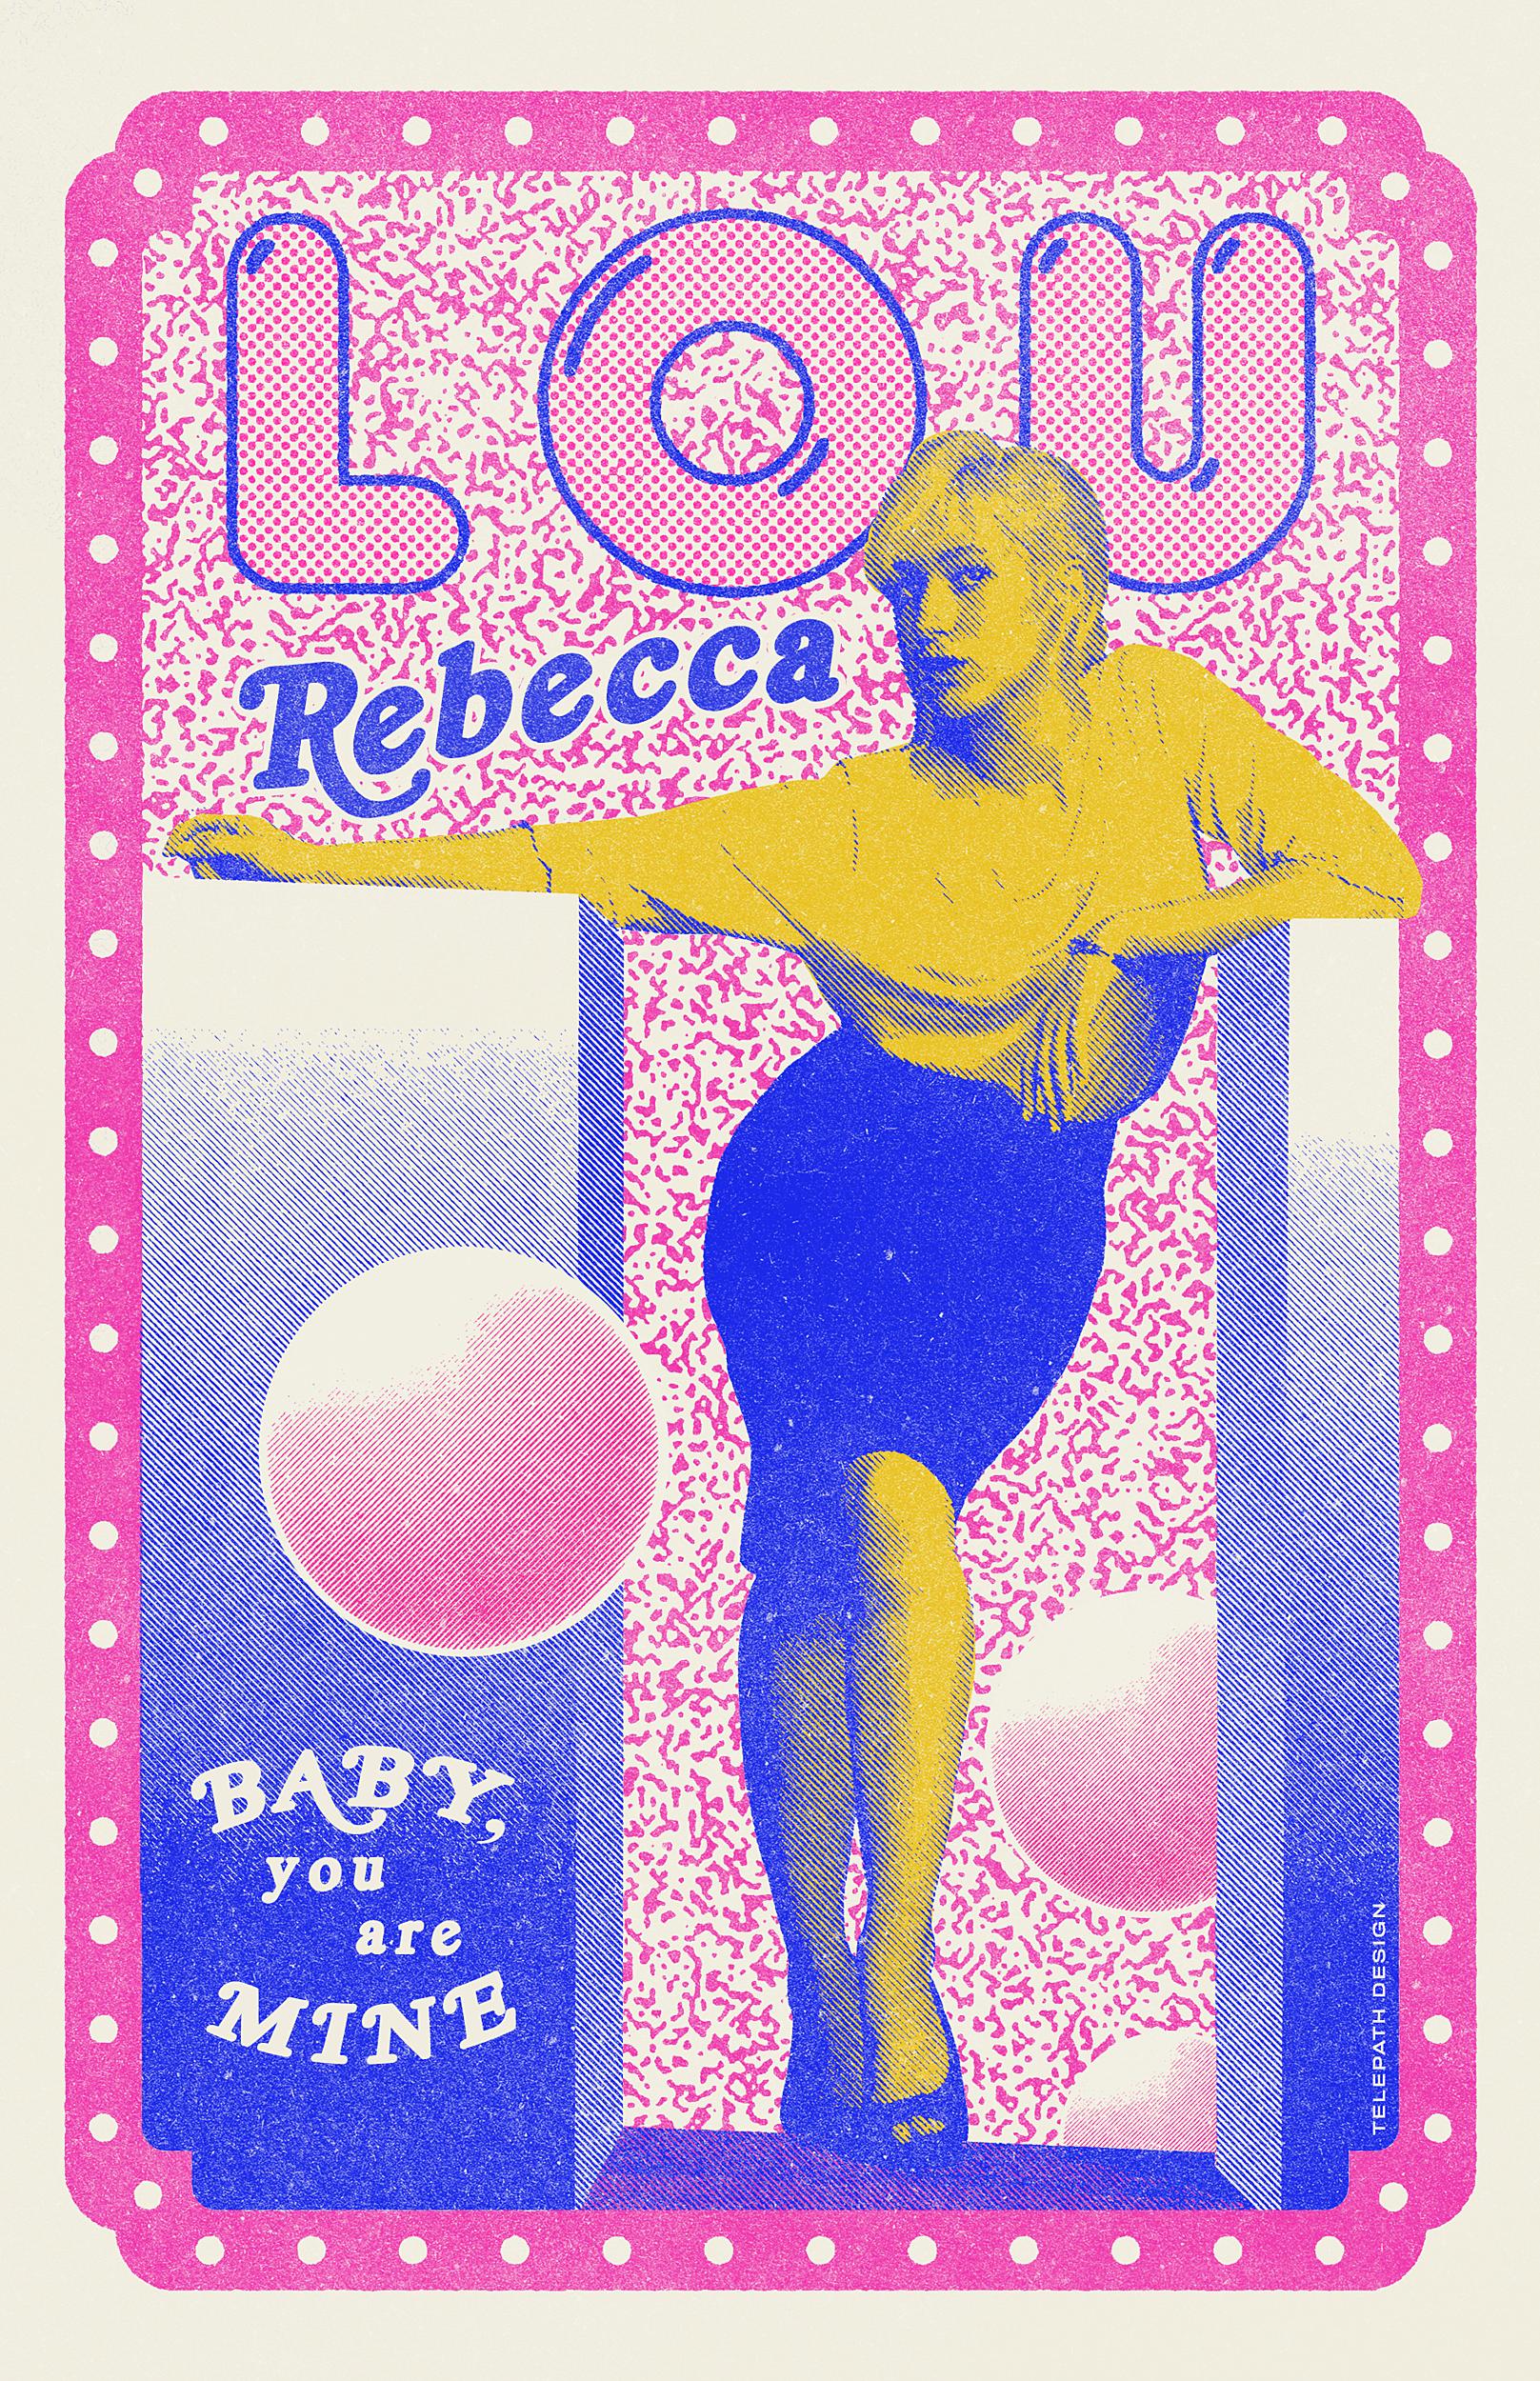 LouRebeccaPoster (1)